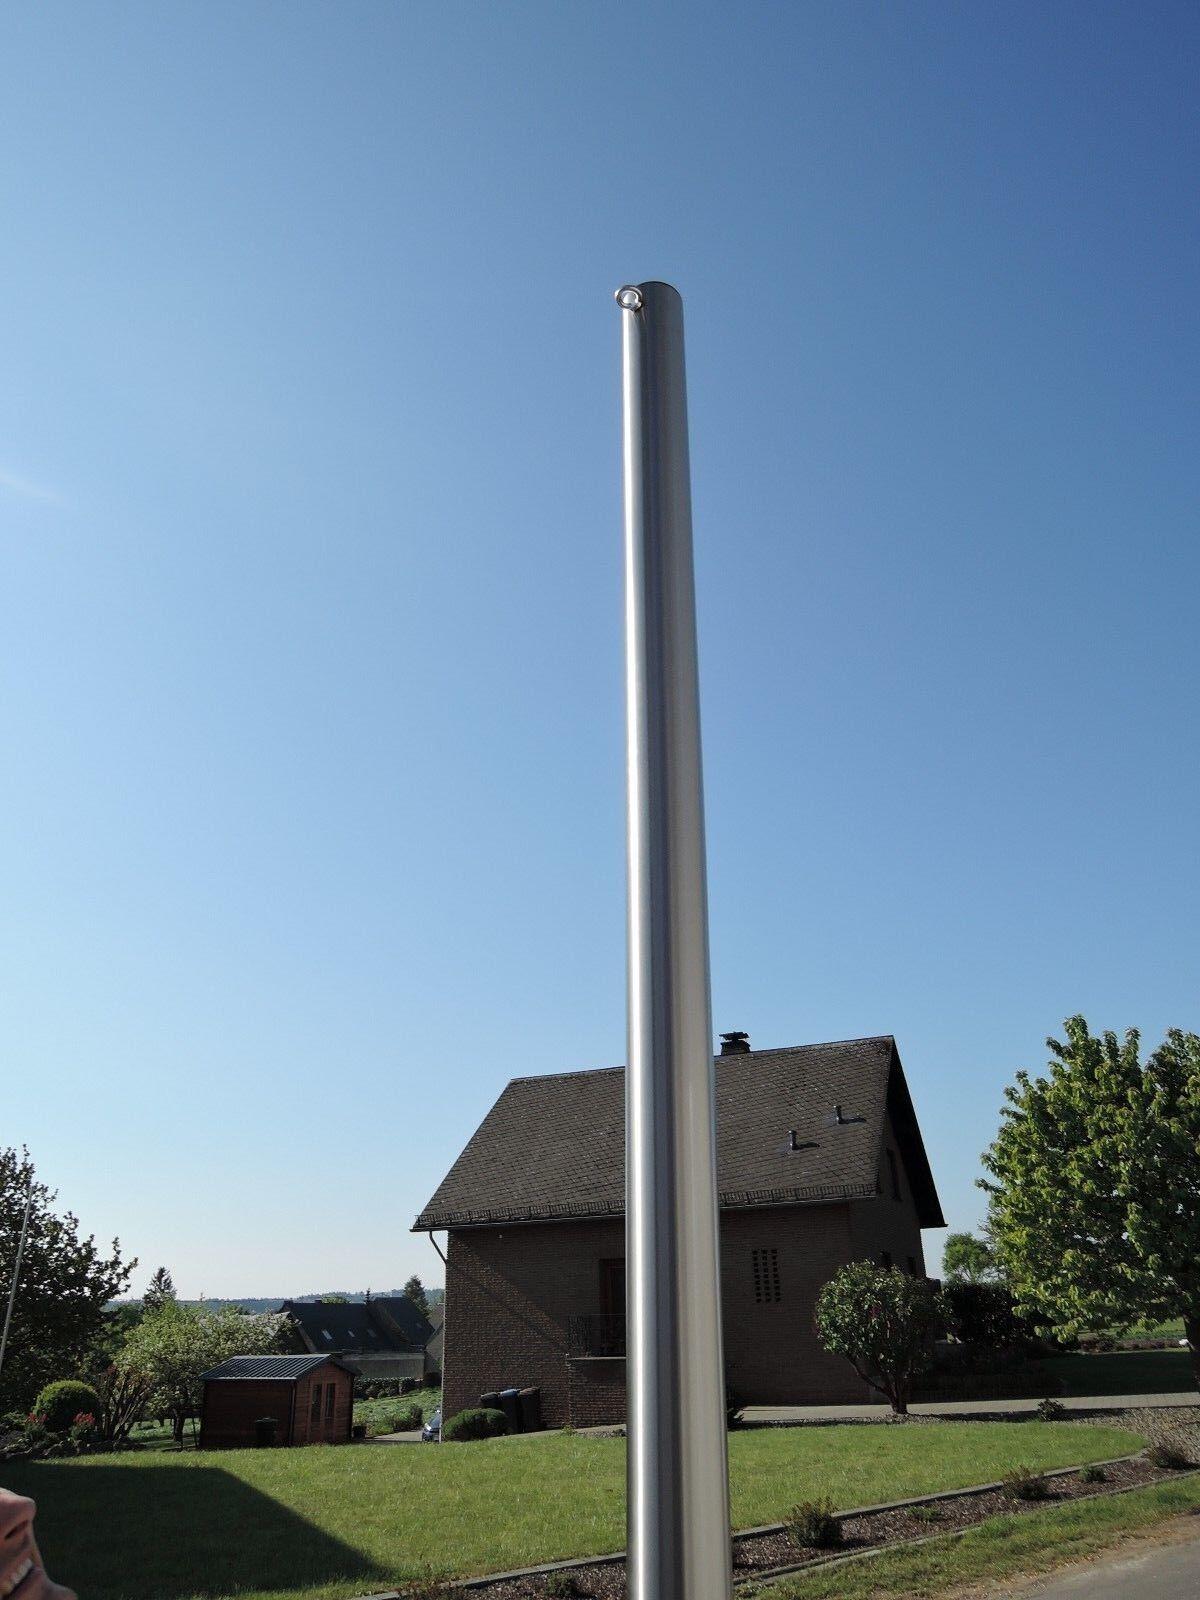 Sonnensegelmast Edelstahl 3m ∅80mm Pfosten Sonnensegel Halter VA Neu  8030 2-1